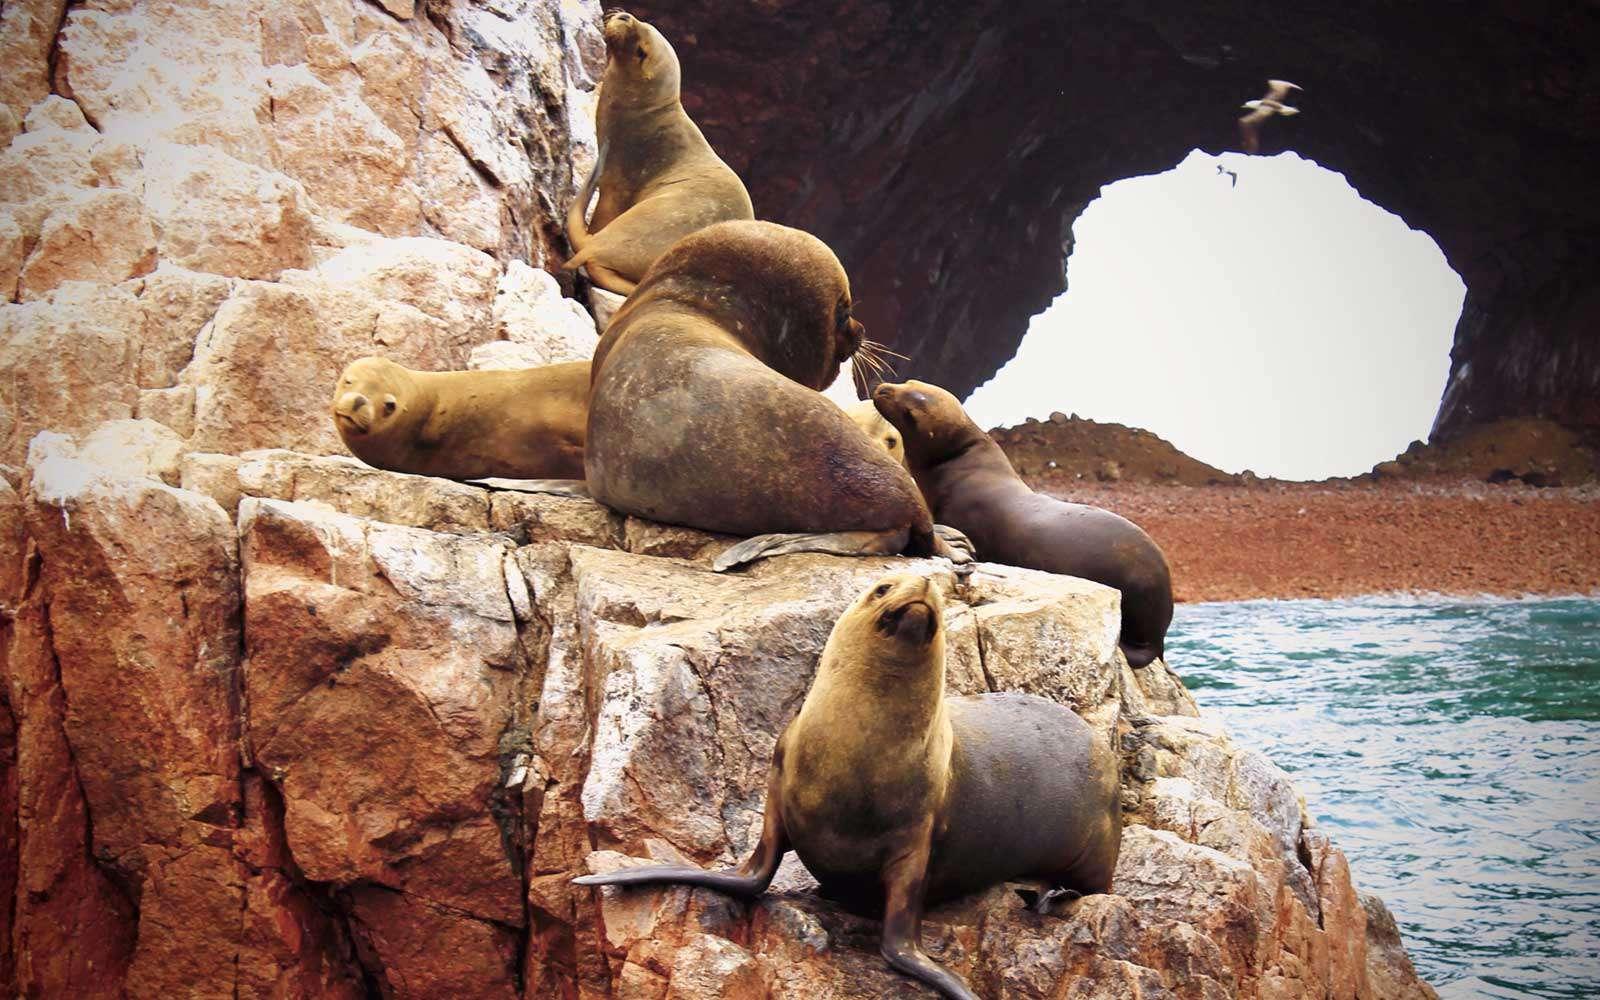 Морские львы на островах Байестас, Перу